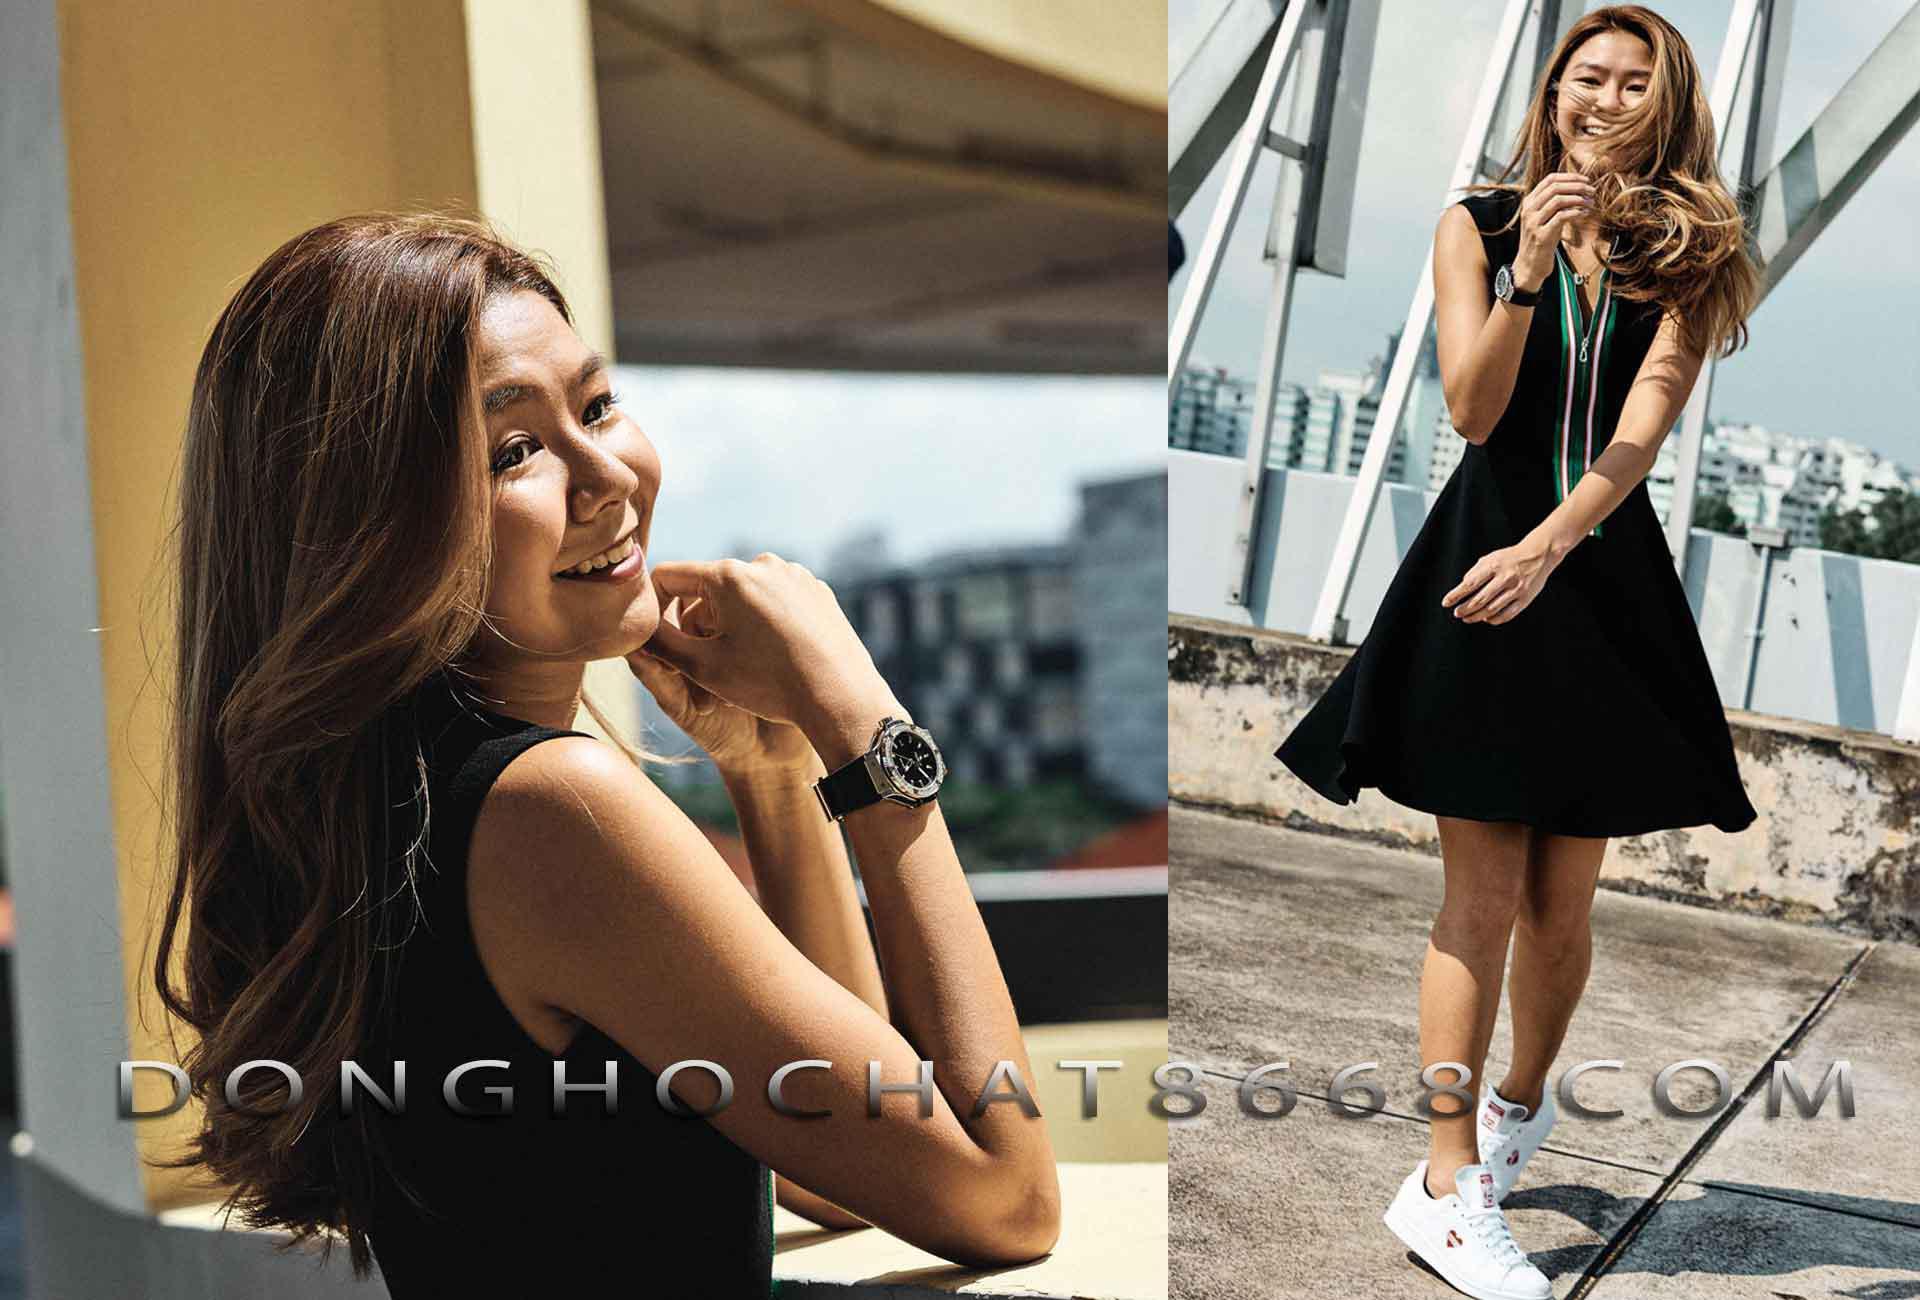 Cô nàng cá tính với kiểu cách phối đồ trẻ trung, năng động thì đồng hồ Hublot là kiểu đồng hồ nữ đẹp và cực kỳ hợp với những cô nàng có cá tính mạnh mẽ